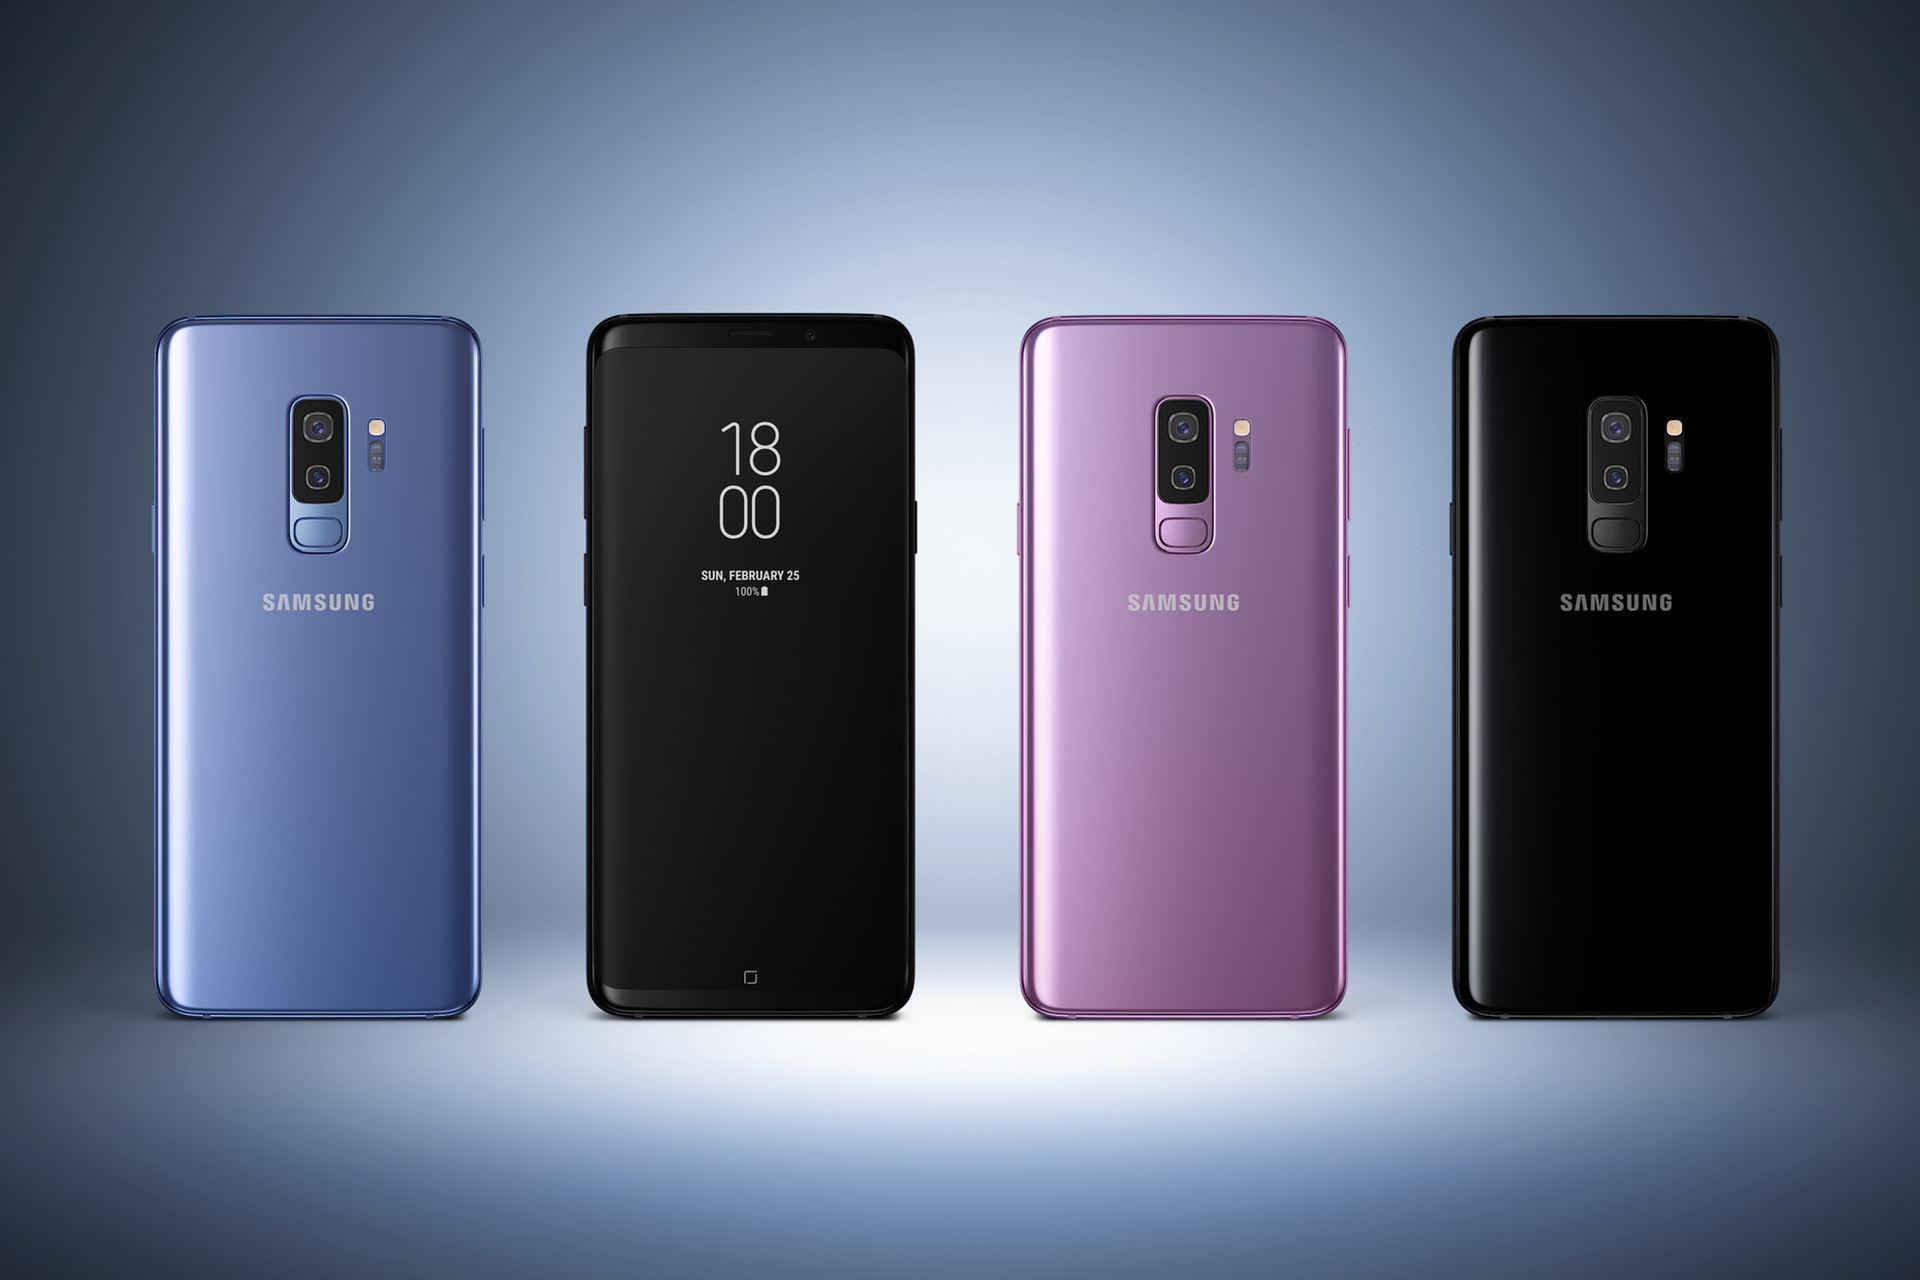 المقارنة الكاملة بين العمالقة OnePlus 6 وSamsung Galaxy S9 Plus وiPhone X